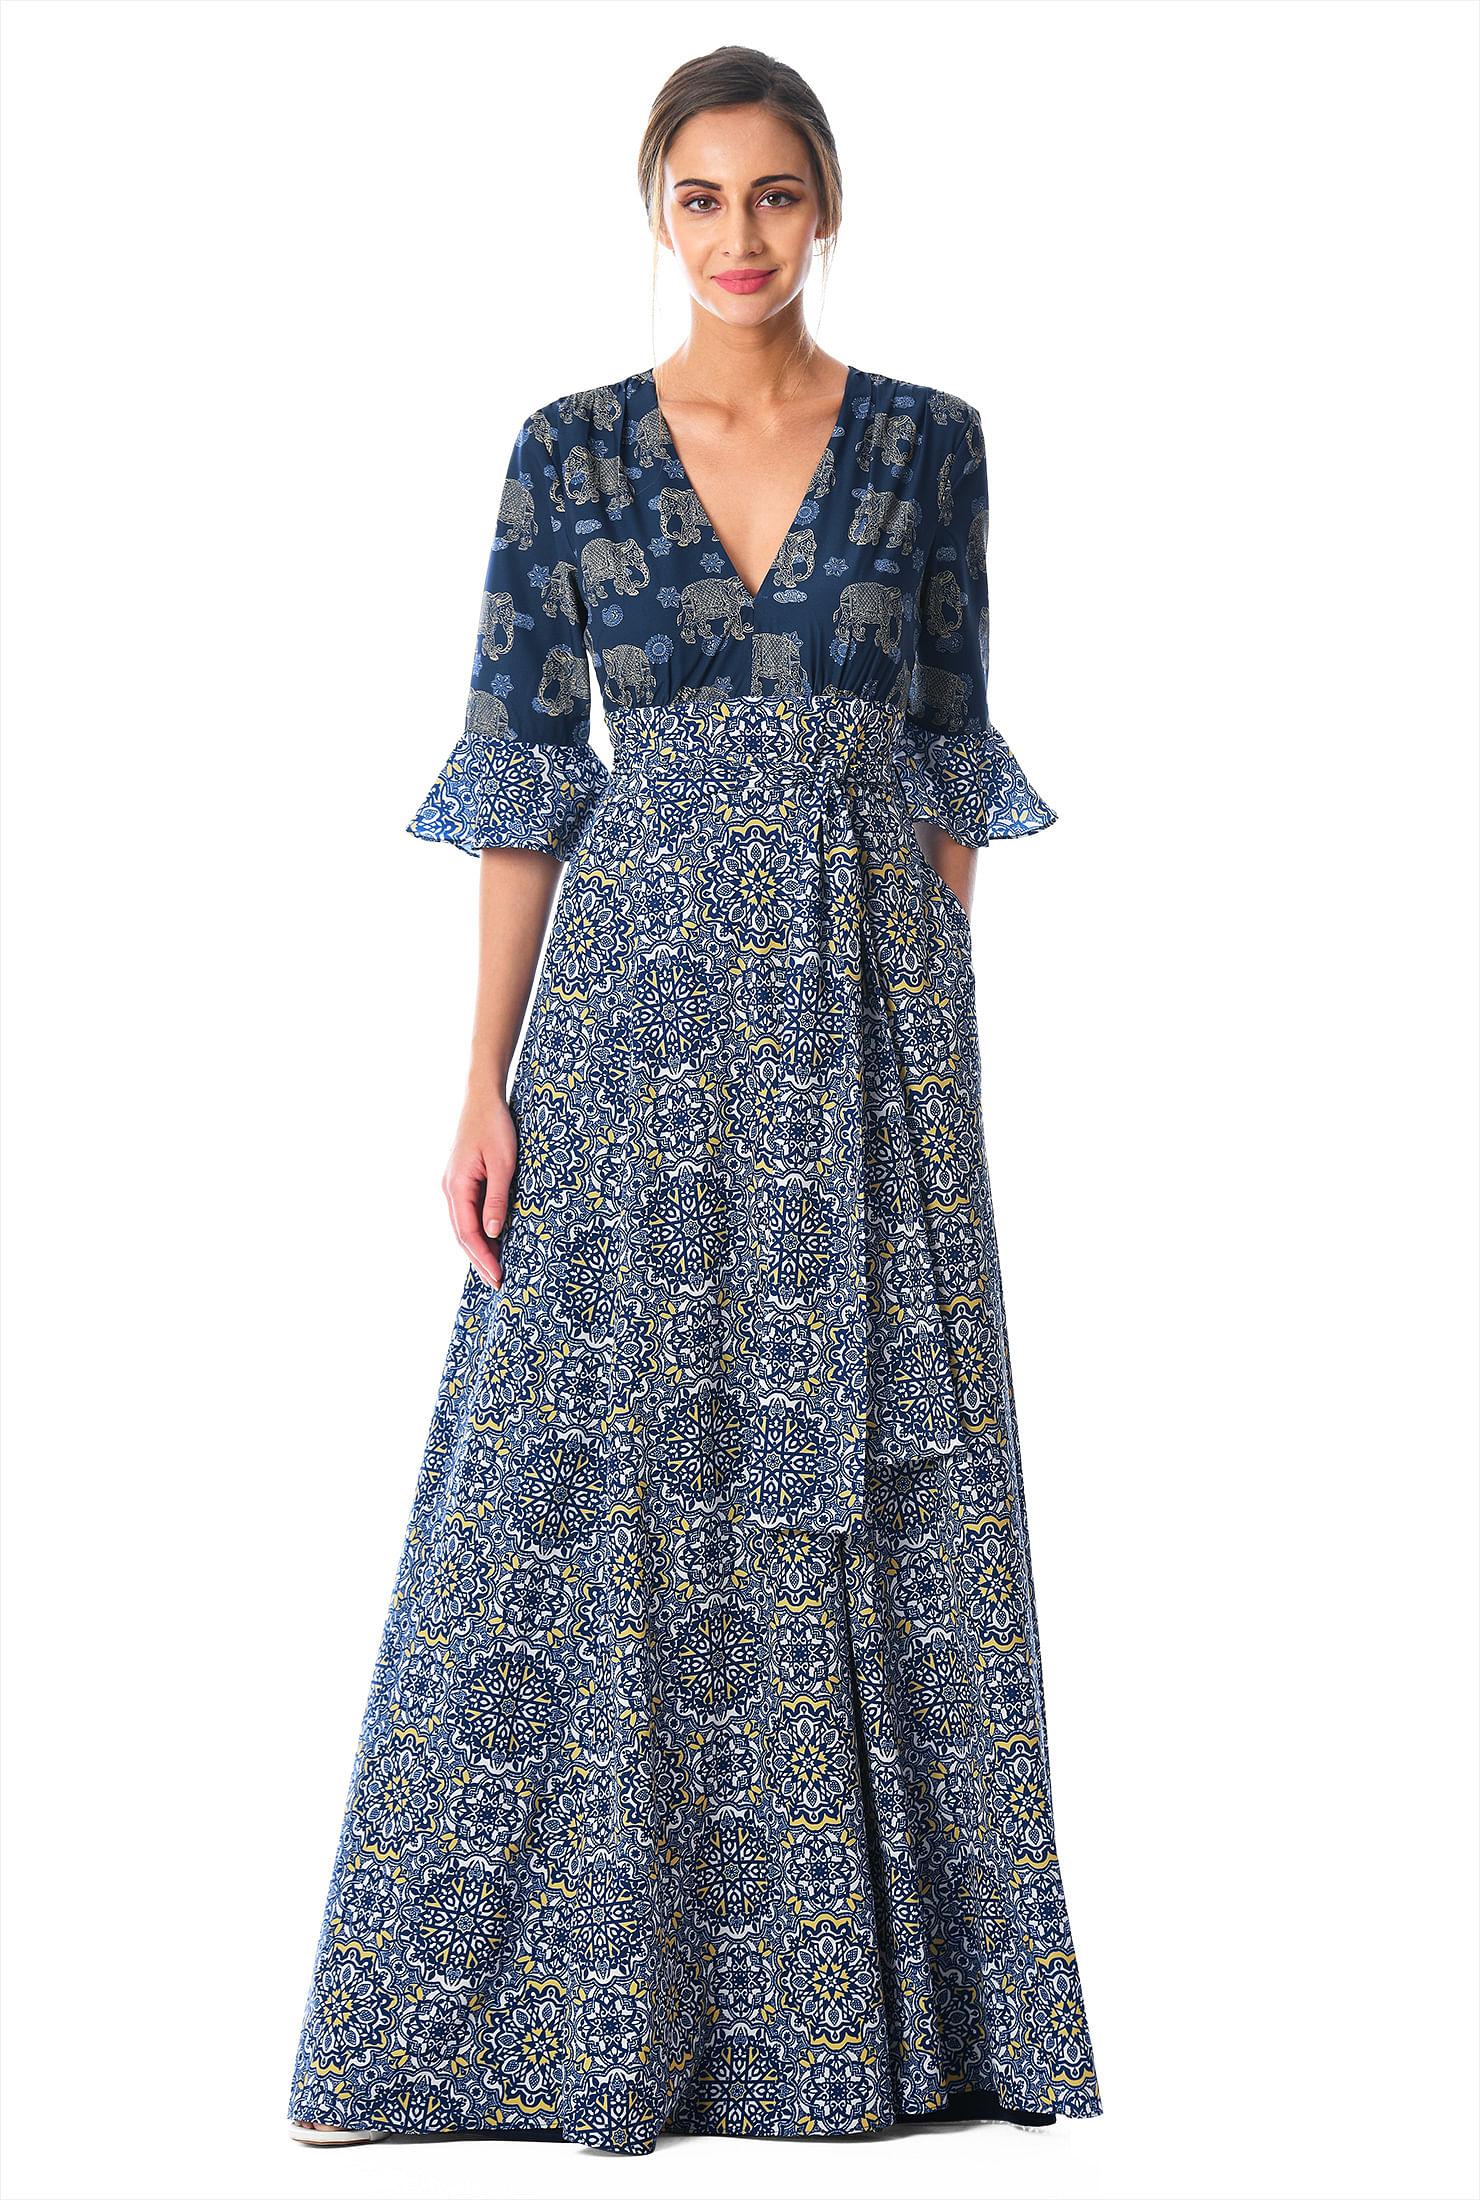 Sublimated elephant inspired dress